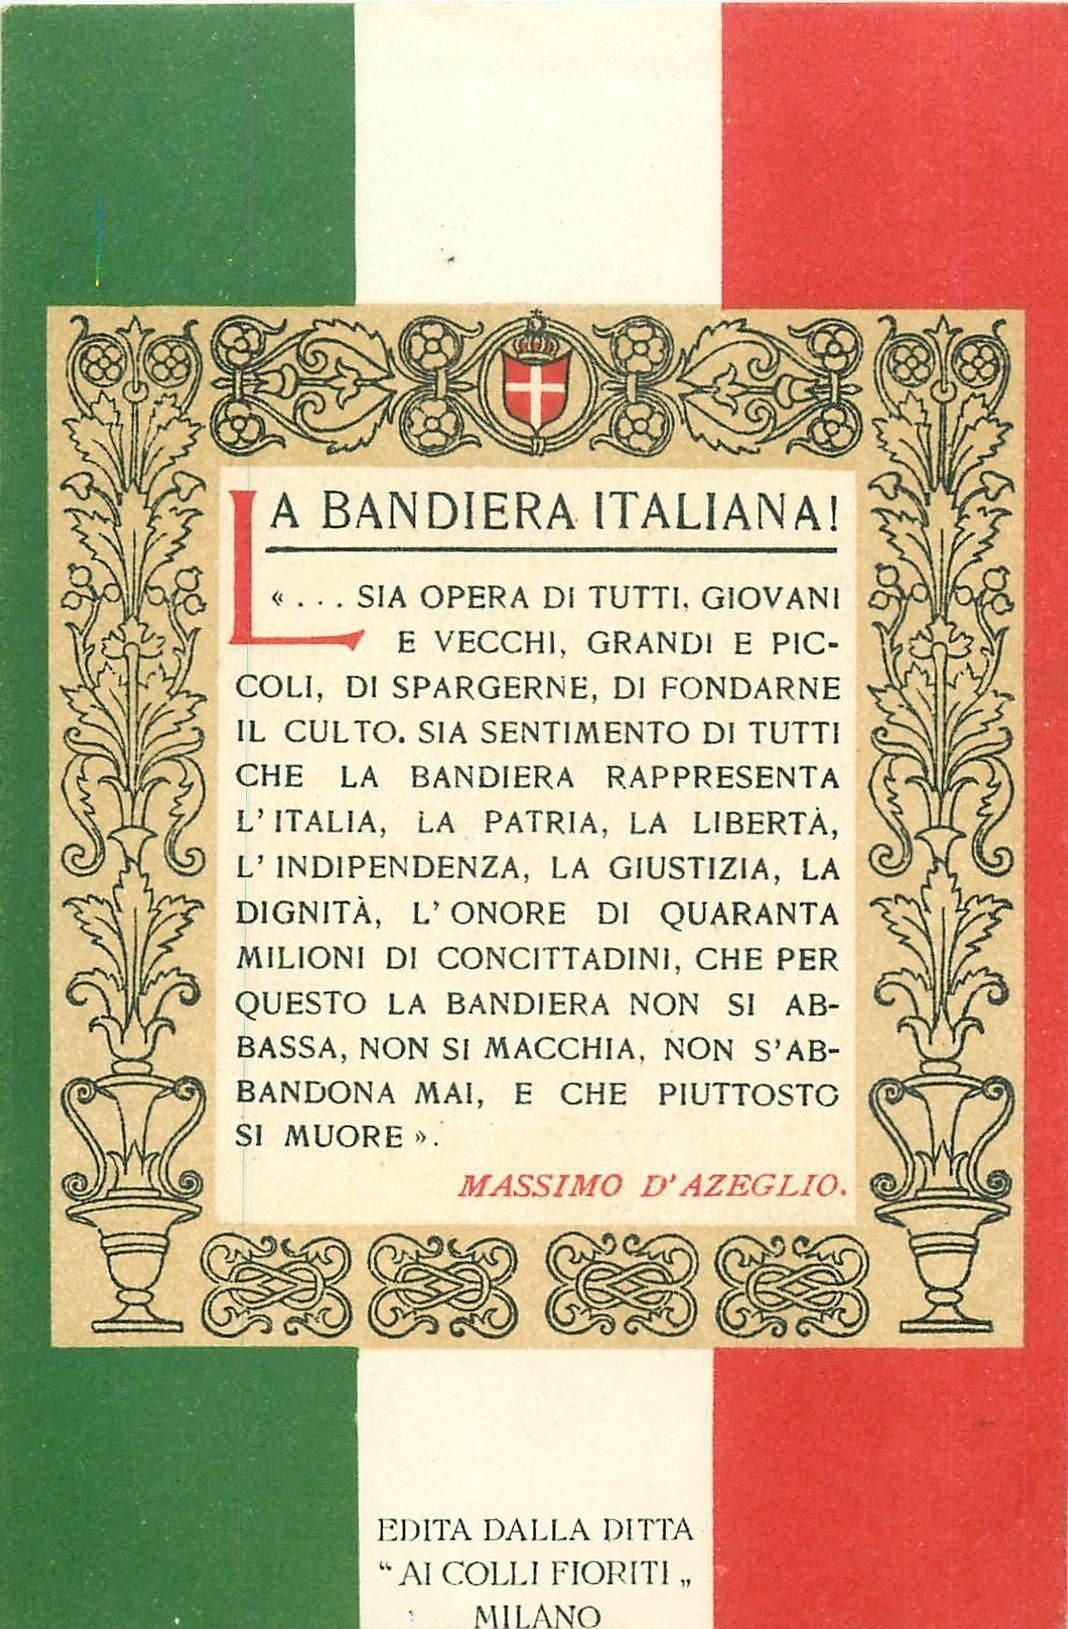 WW PATRIOTIQUE. La Bandiera Italiana texte de Massimo d'Azeglio